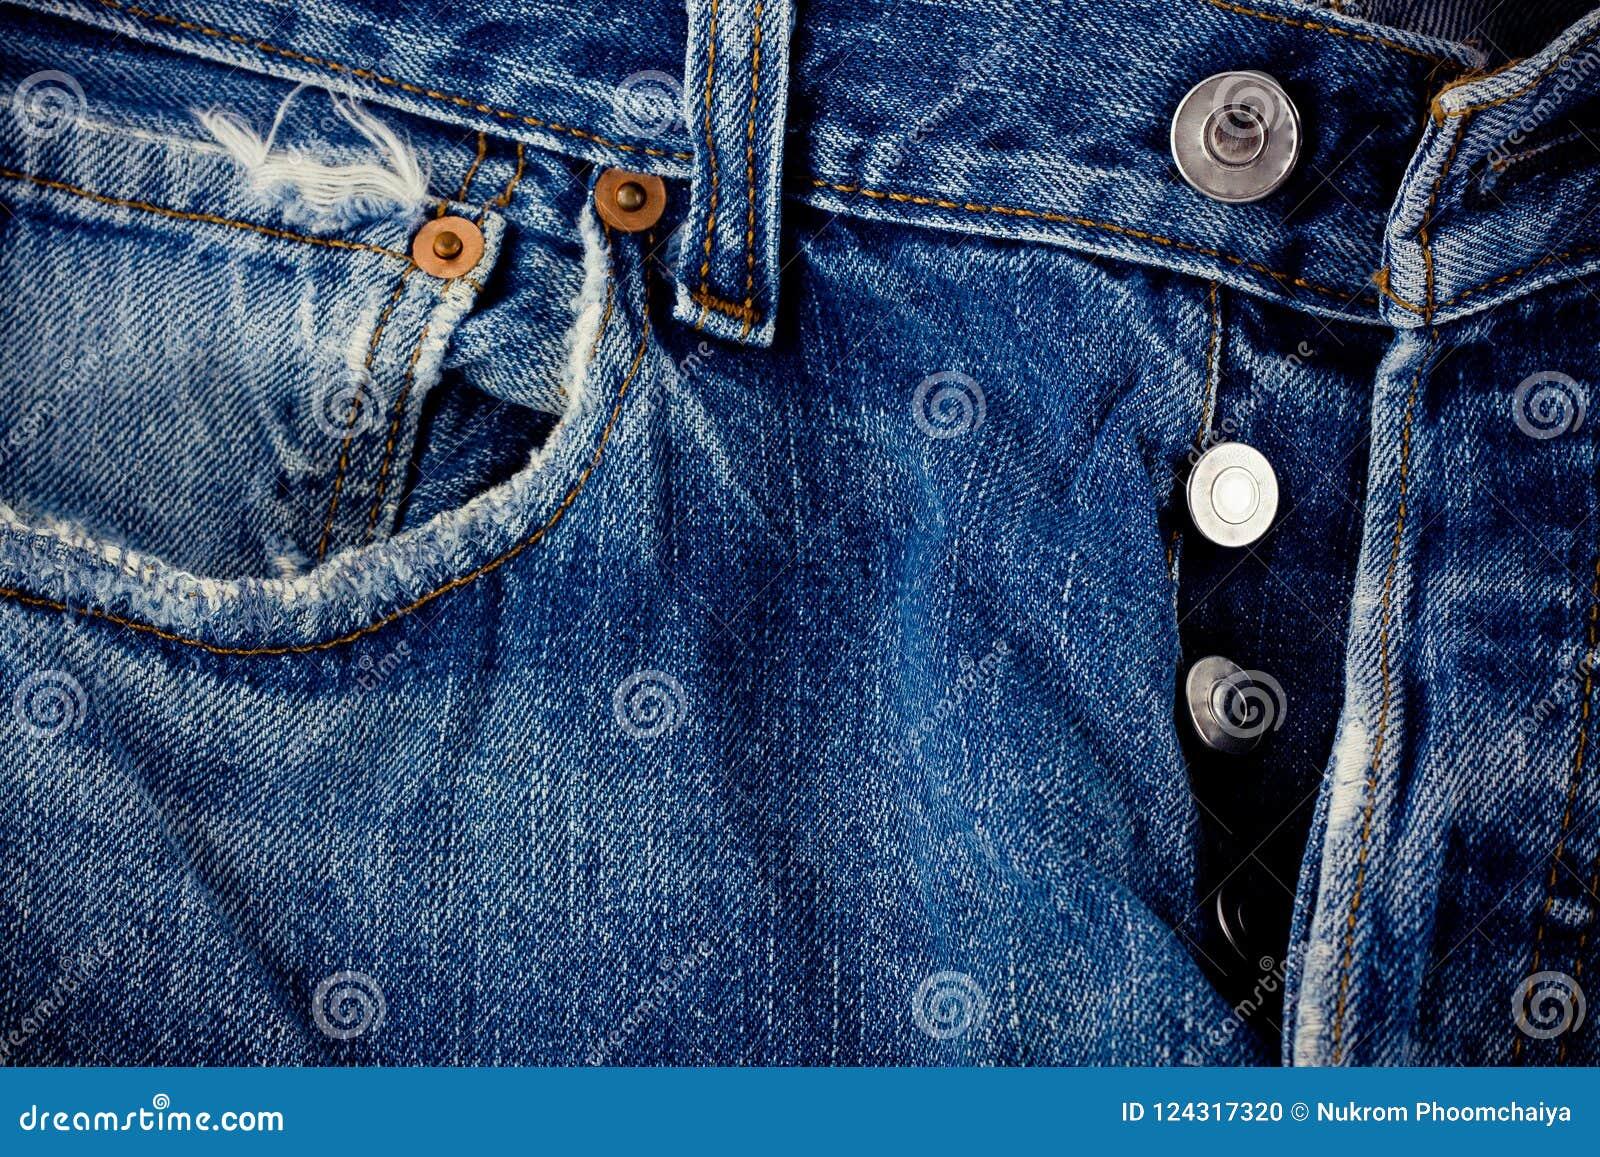 Vaqueros del botón de los vaqueros del fondo del denimand defectuoso y de la plata con una costura de la textura del dril de algo